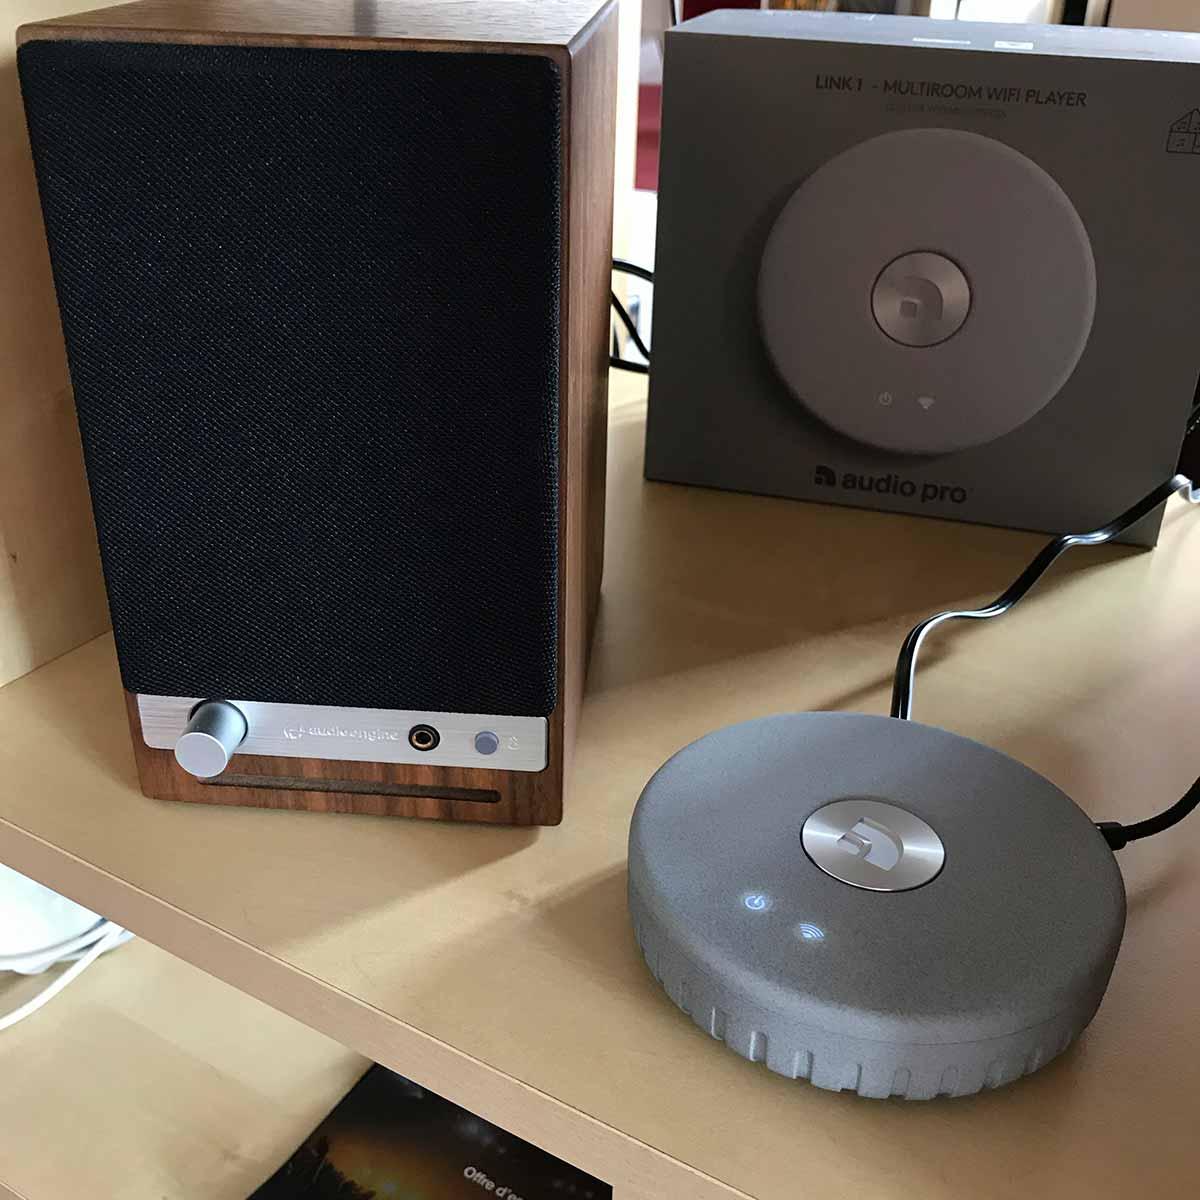 Les enceintes Audioengine HD3 jouent la musique en WiFi par UPnP / DLNA ou AirPlay